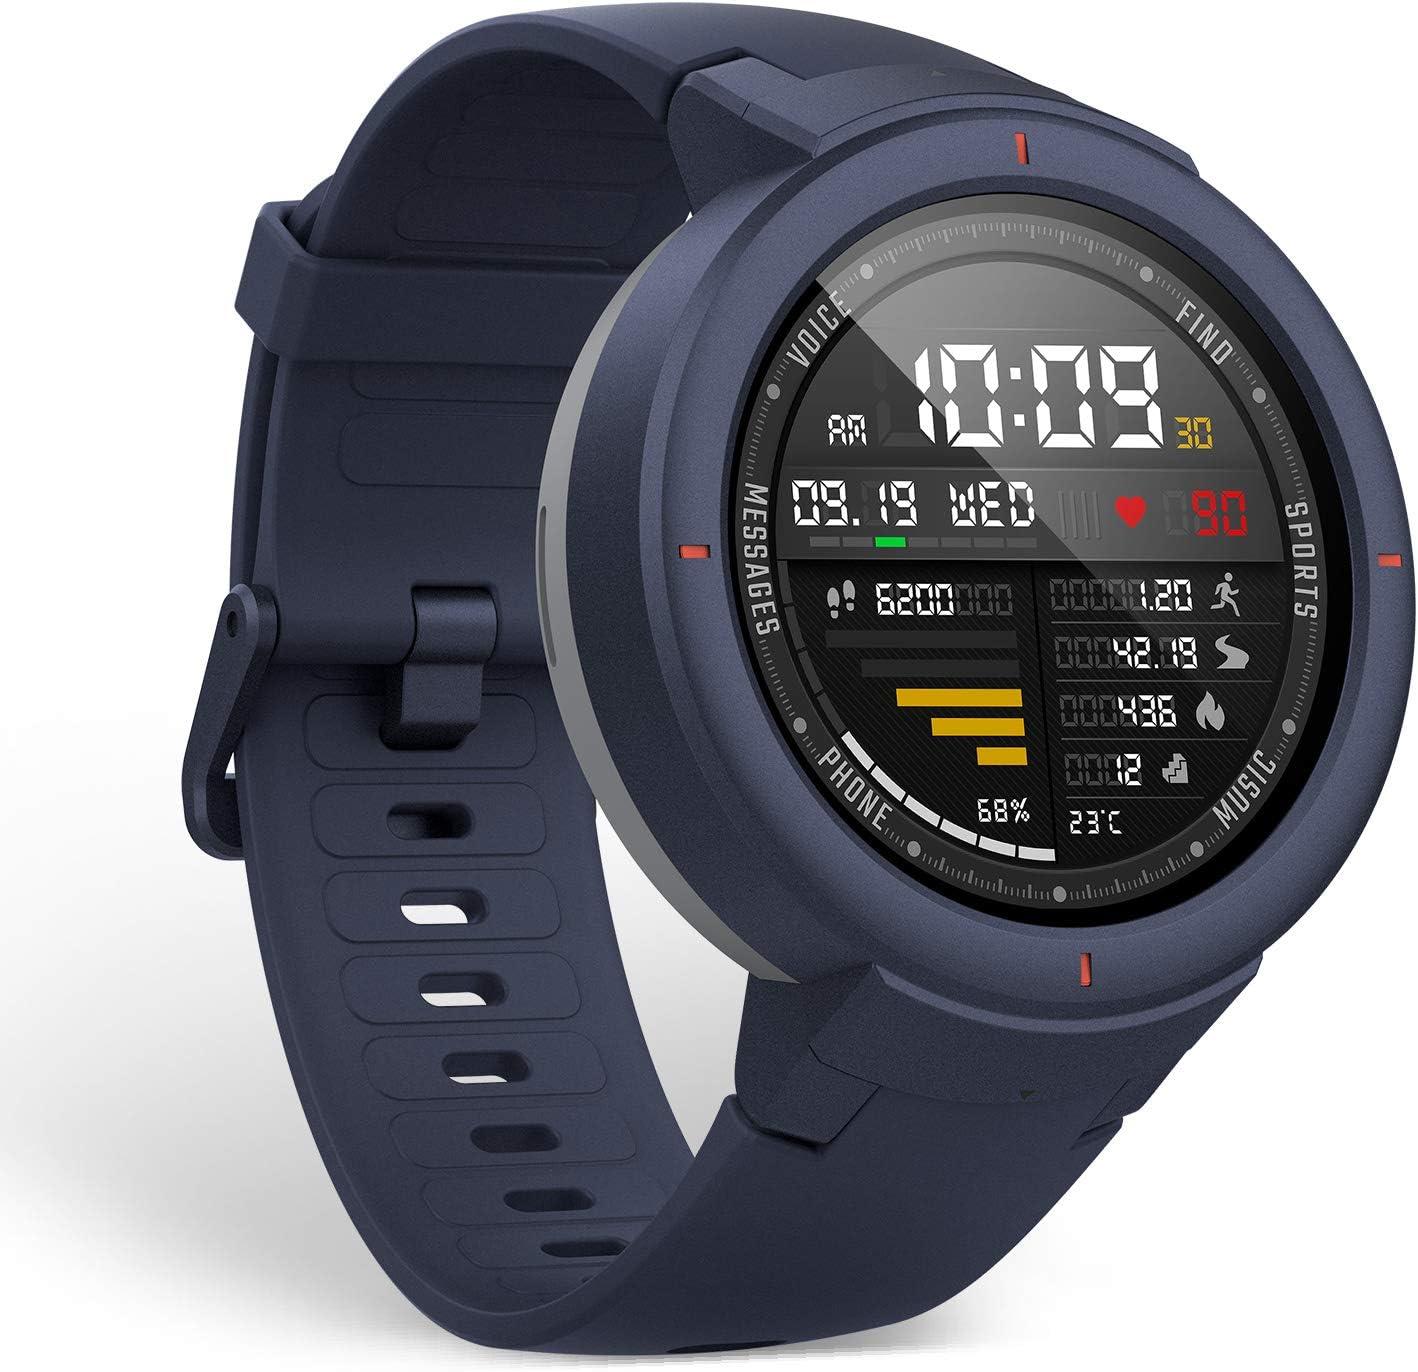 Amazfit Verge Smartwatch con Alexa integrada - Reloj Inteligente Verge A1811, Pantalla AMOLED de 1,3 Pulgadas, monitoreo de frecuencia cardíaca y Seguimiento de Actividad